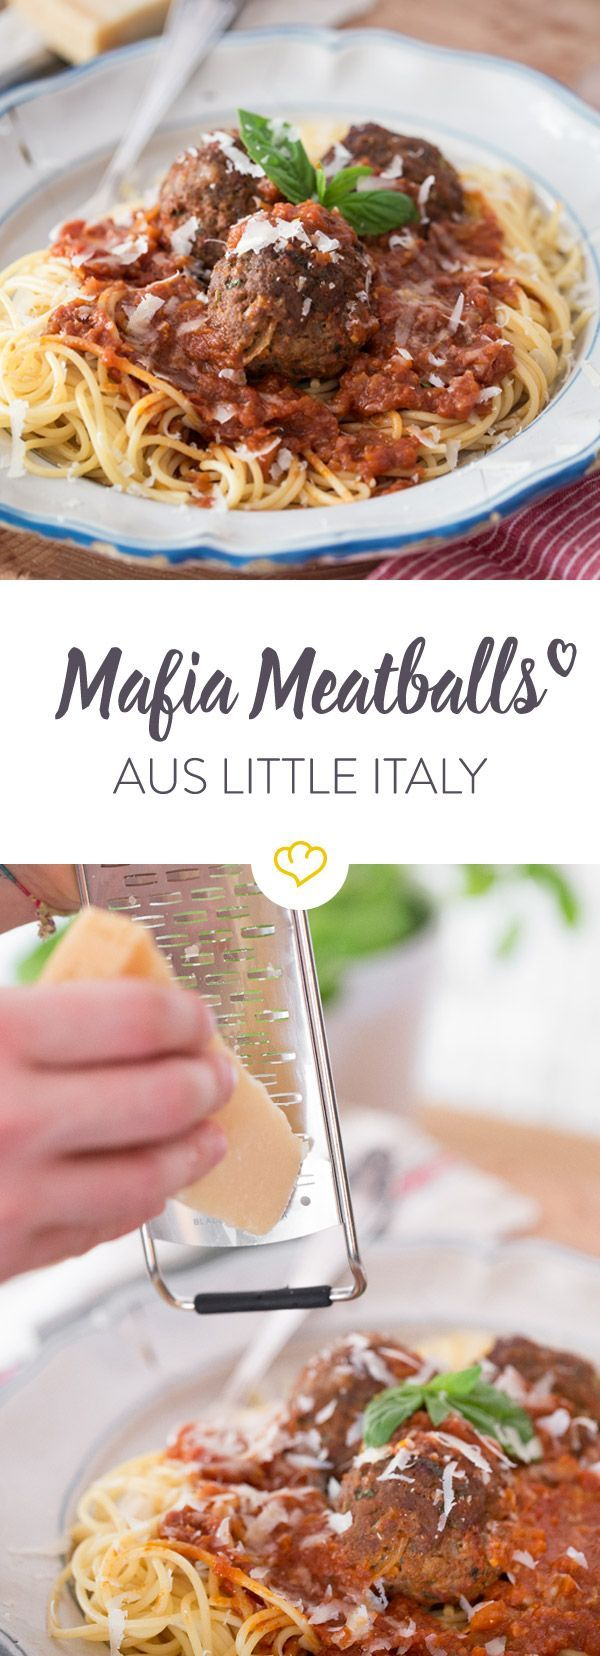 Hol dir Little Italy nach Hause und koche saftige italo-amerikanische Mafia Meatballs mit einer fantstischen Tomatensauce.